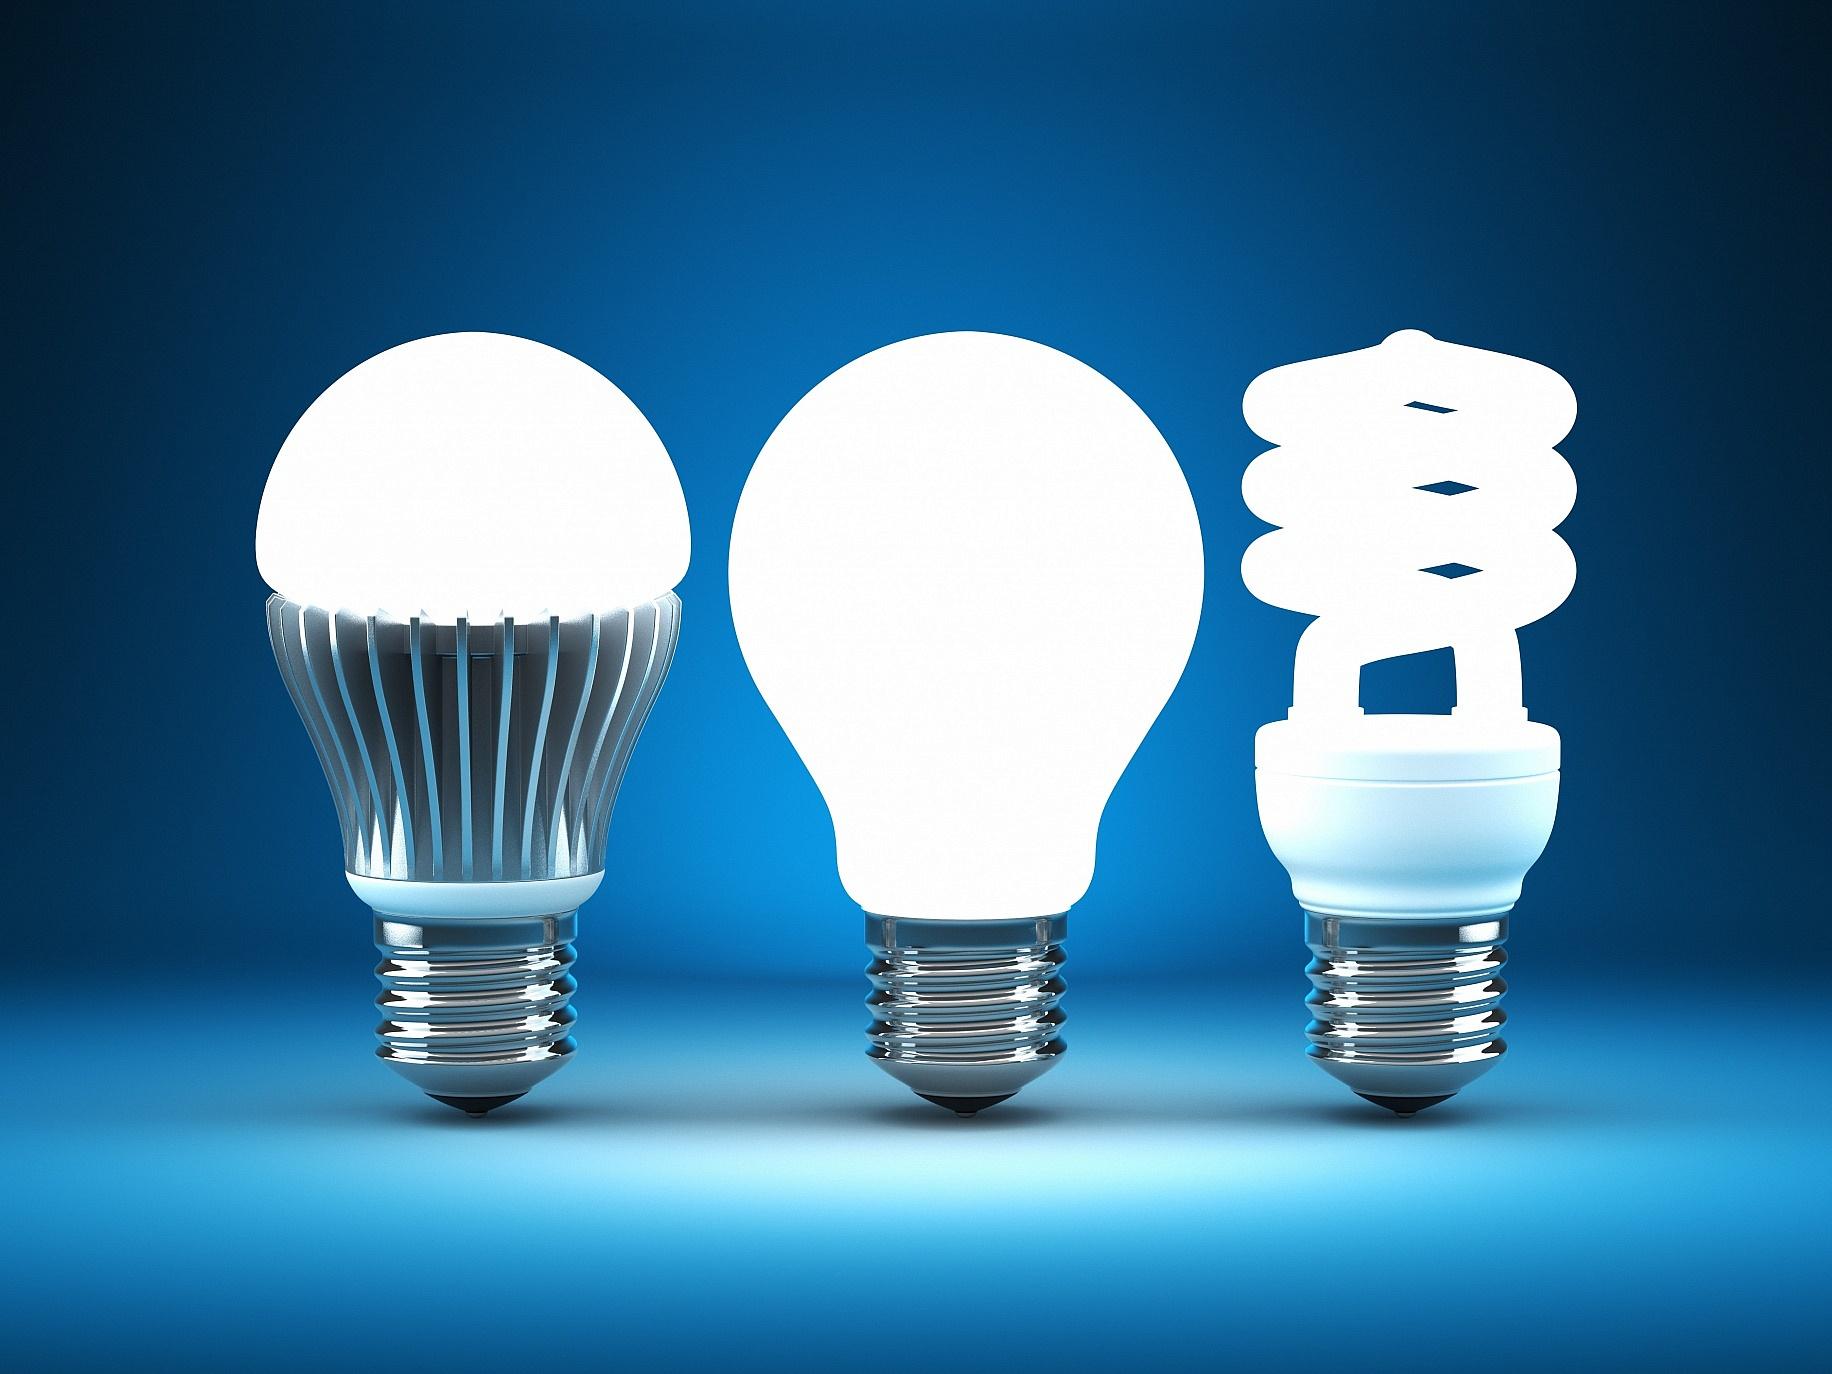 首次亮相ALE,晶能光电车用LED实力打入前装市场